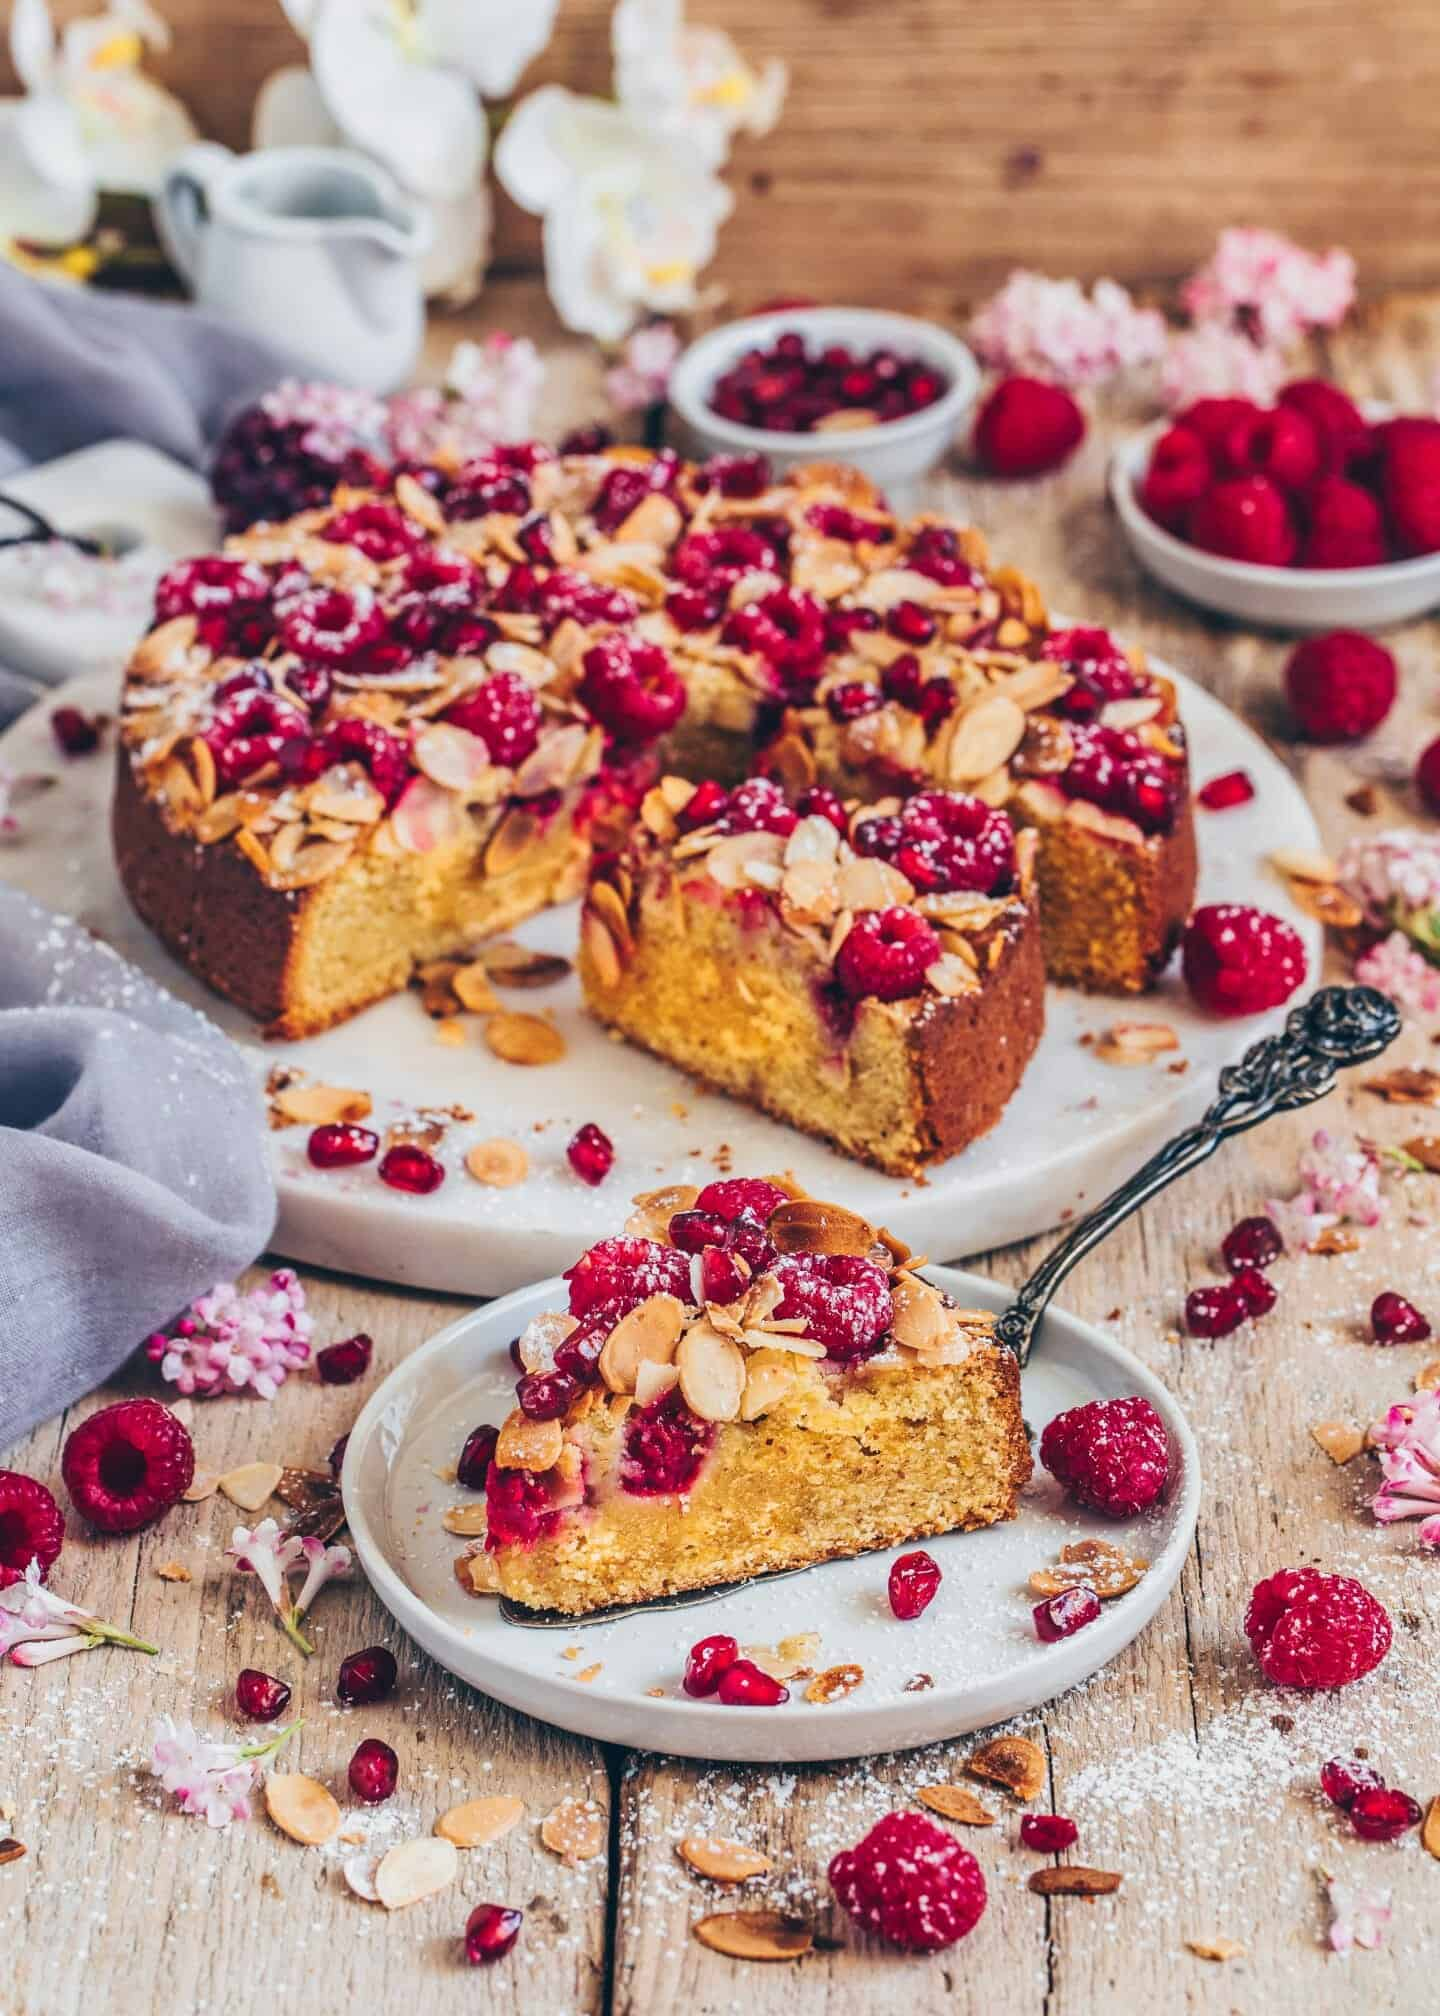 Rezept für Mandel-Orangen-Kuchen mit Himbeeren. Er ist einfach und schnell zubereitet, vegan, saftig, weich, fluffig, gesund, glutenfrei, ohne Eier, ohne Milch. Den Rührkuchen (Mandel-Kuchen) kann man mit jedem Obst belegen.